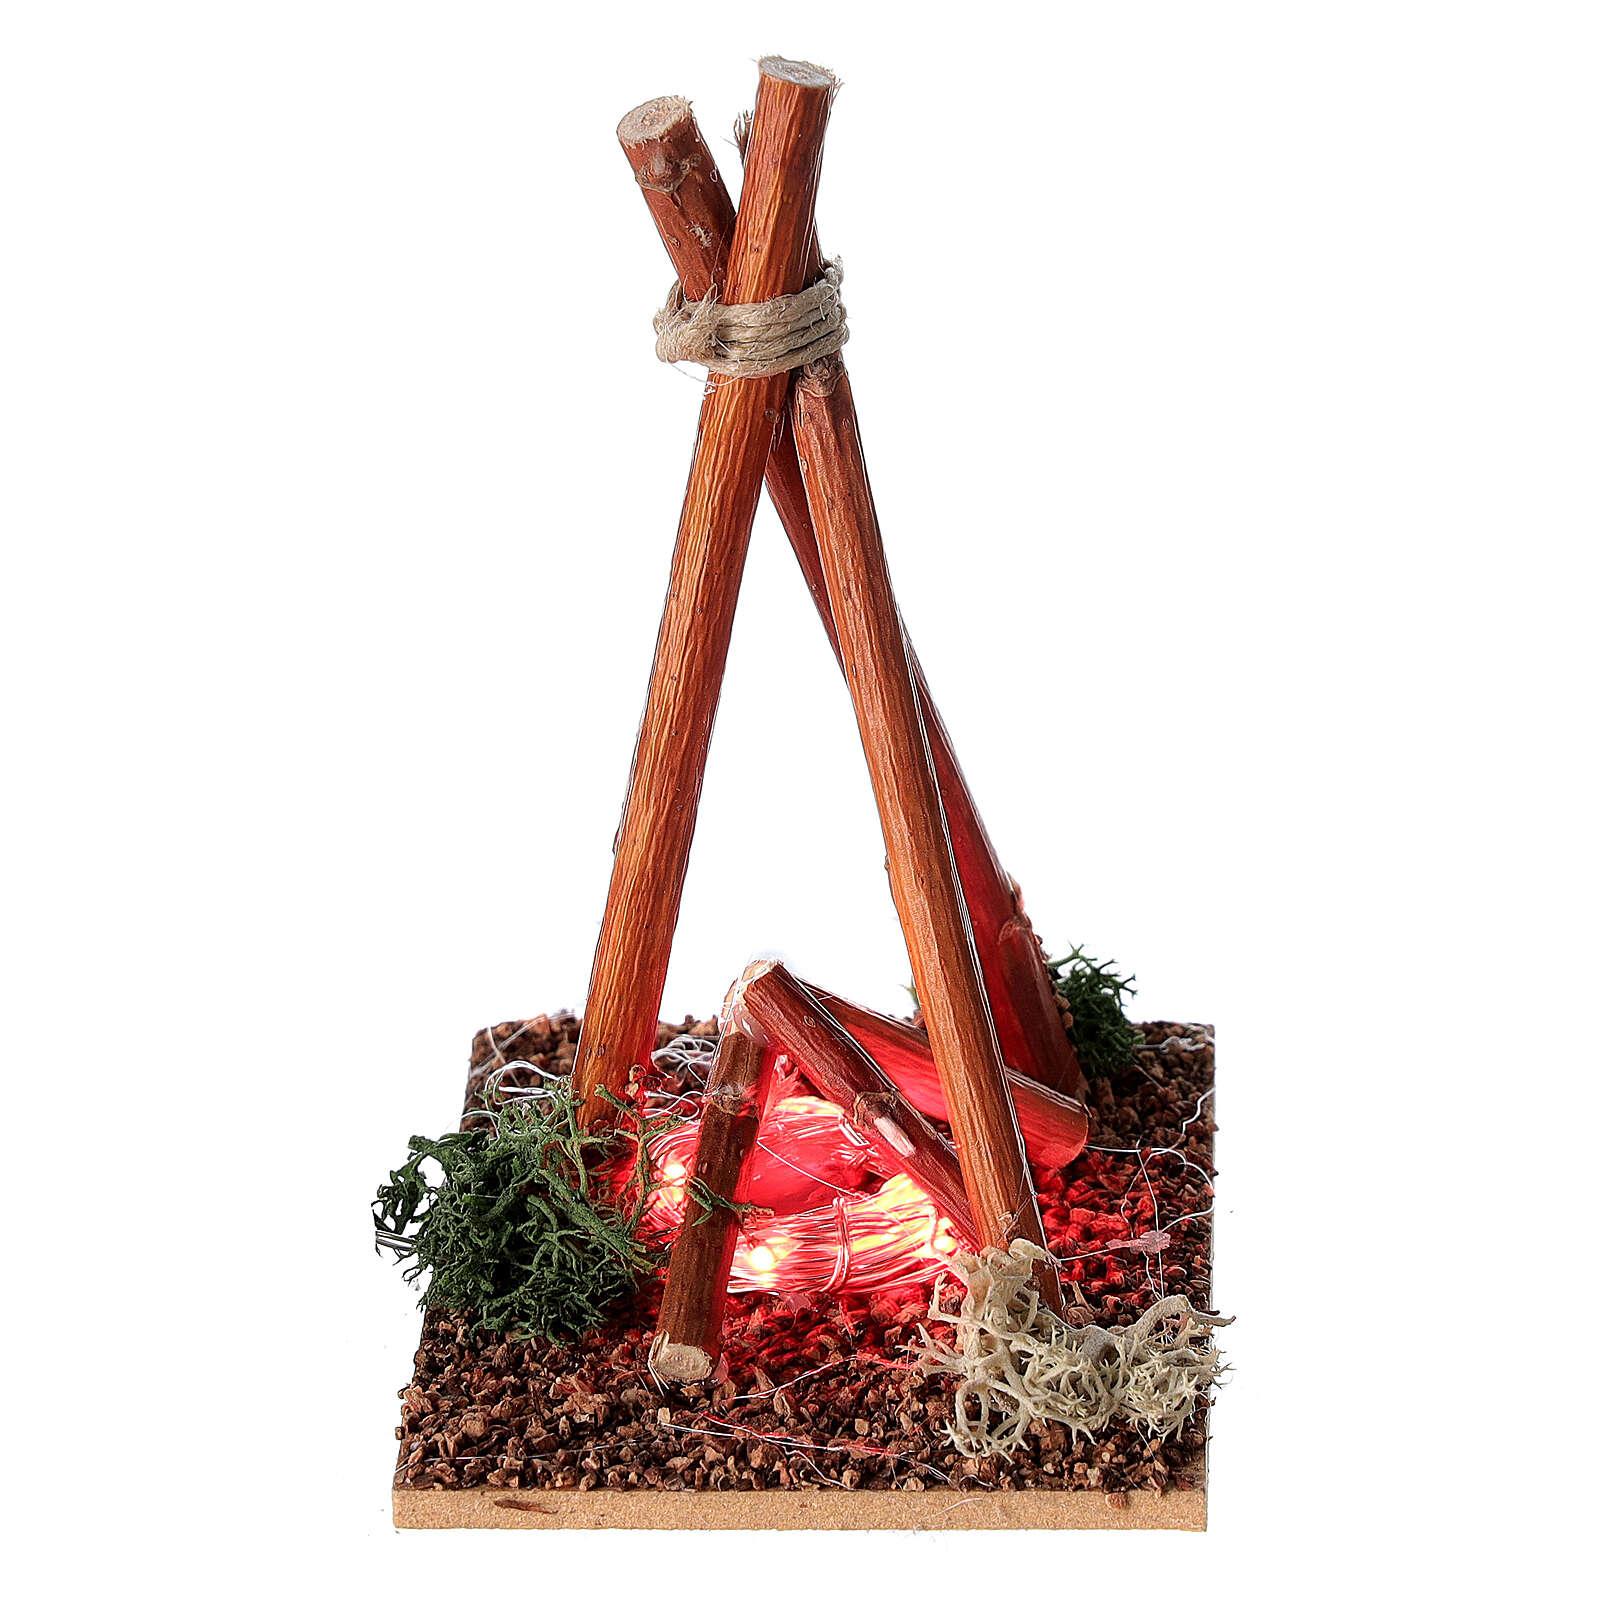 Fire effect miniature Nativity scene 8-10 cm 4